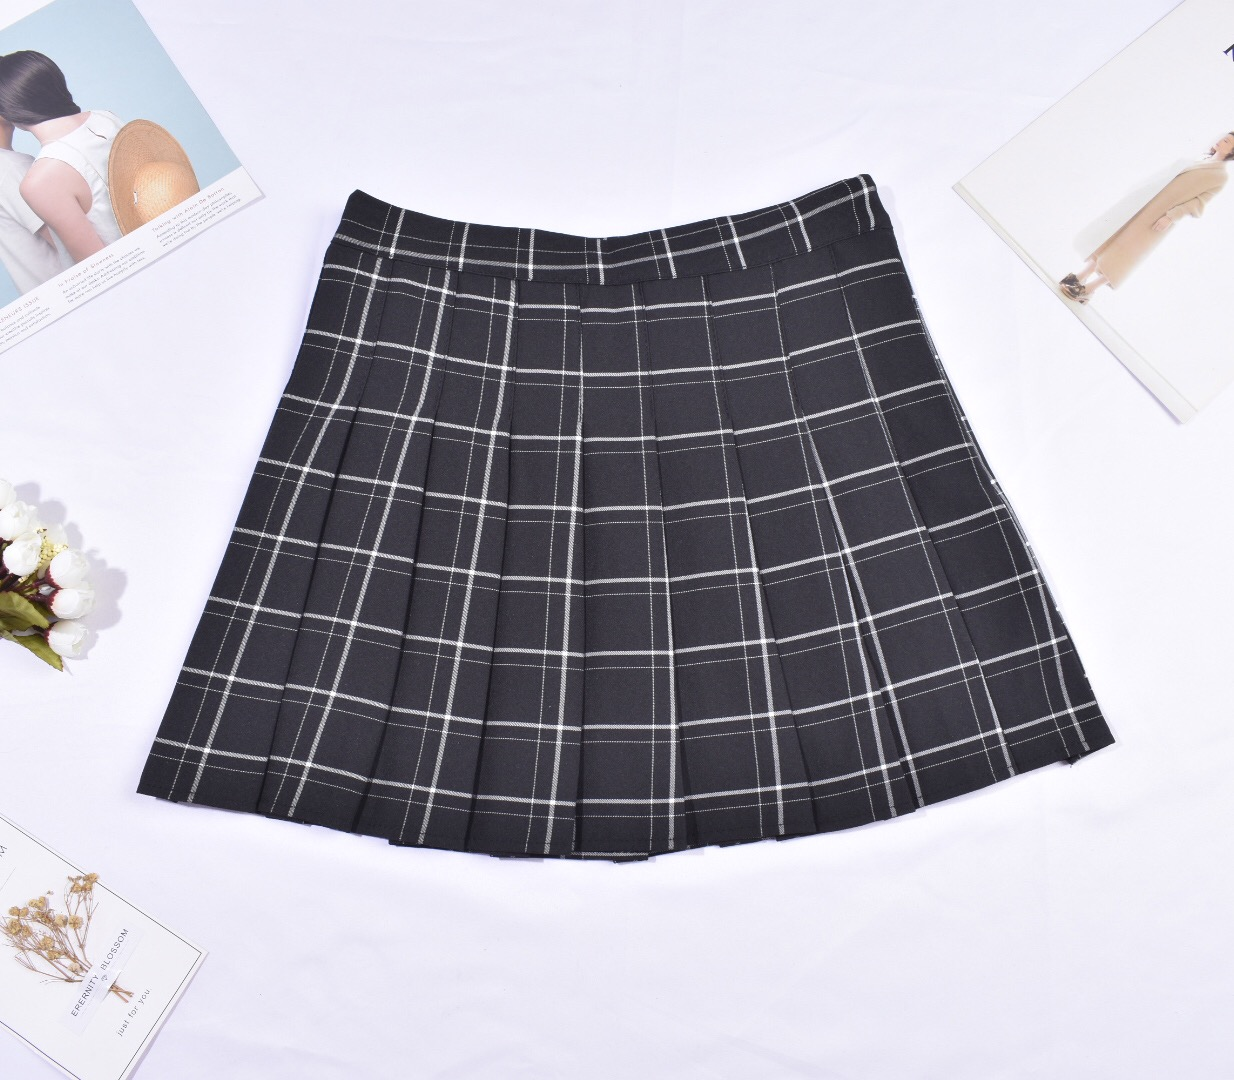 Falda Tenis negra cuadrille